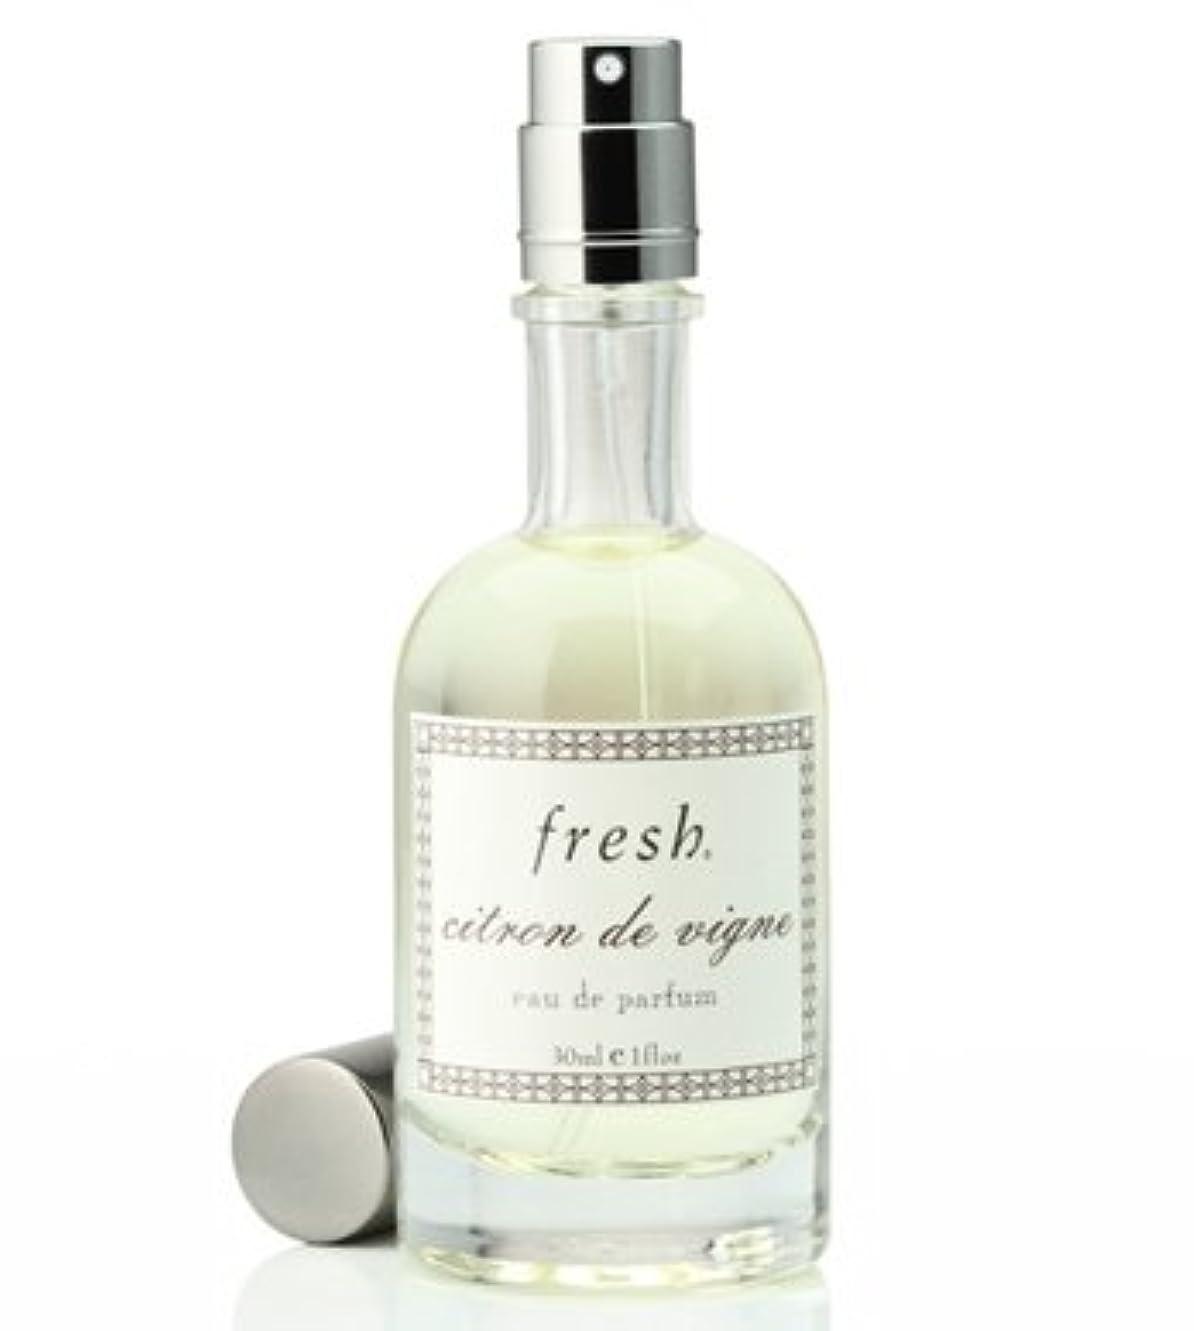 噴火テーブル憤るFresh CITRON DE VIGNE (フレッシュ シトロンデヴァイン) 1.0 oz (30ml) EDP Spray by Fresh for Women